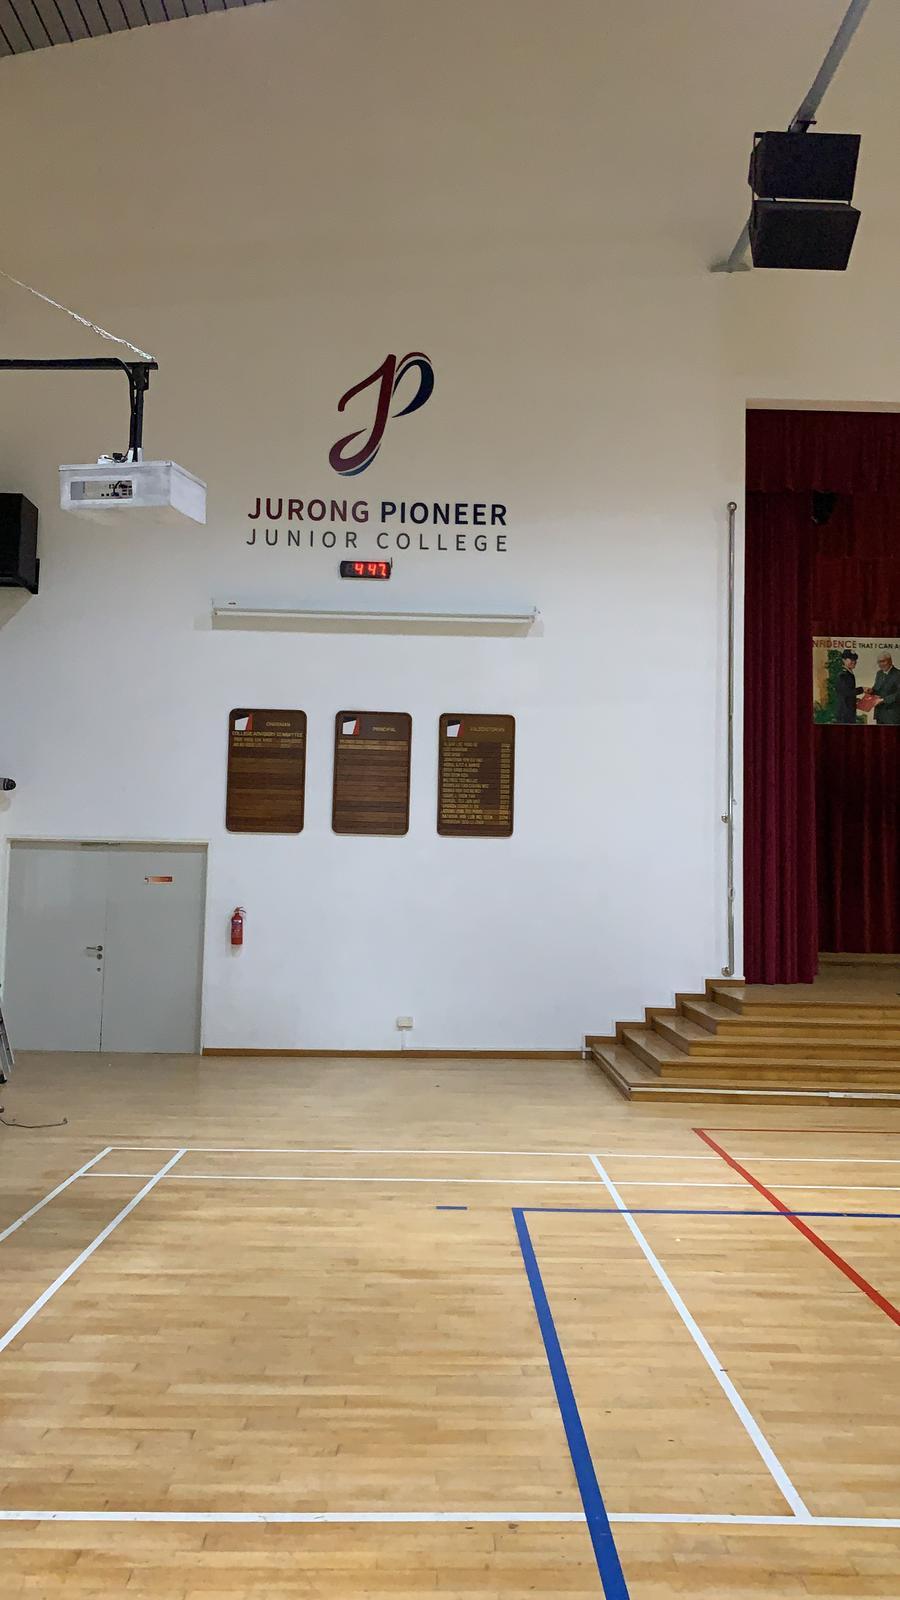 JURONG PIONEER